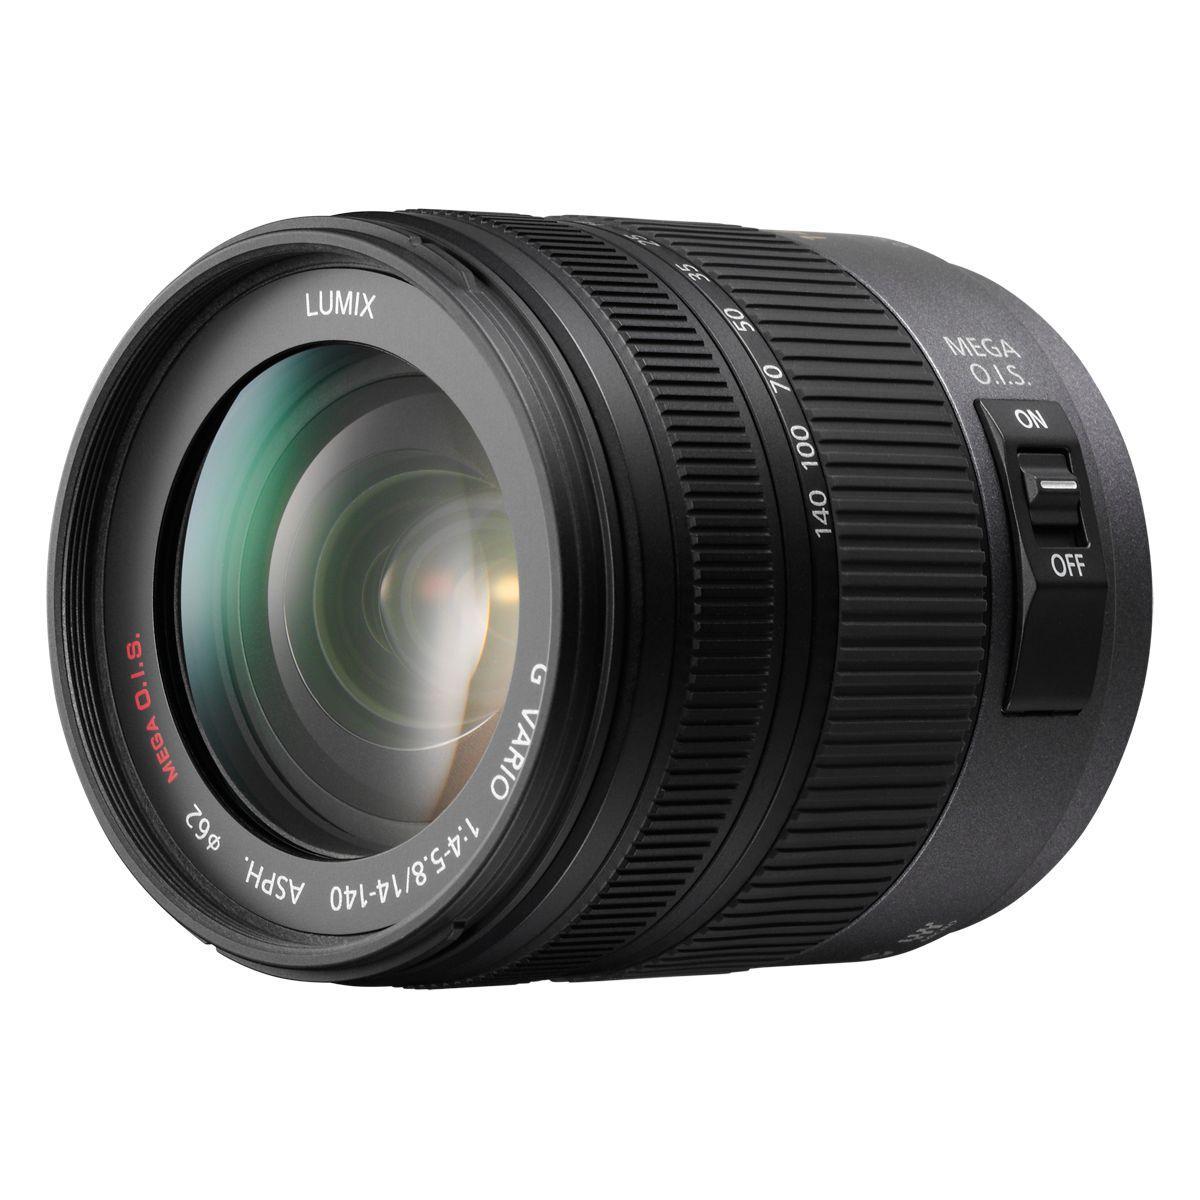 Objectif pour hybride panasonic 14-140mm f/3.5-5.6 ois noir g ...